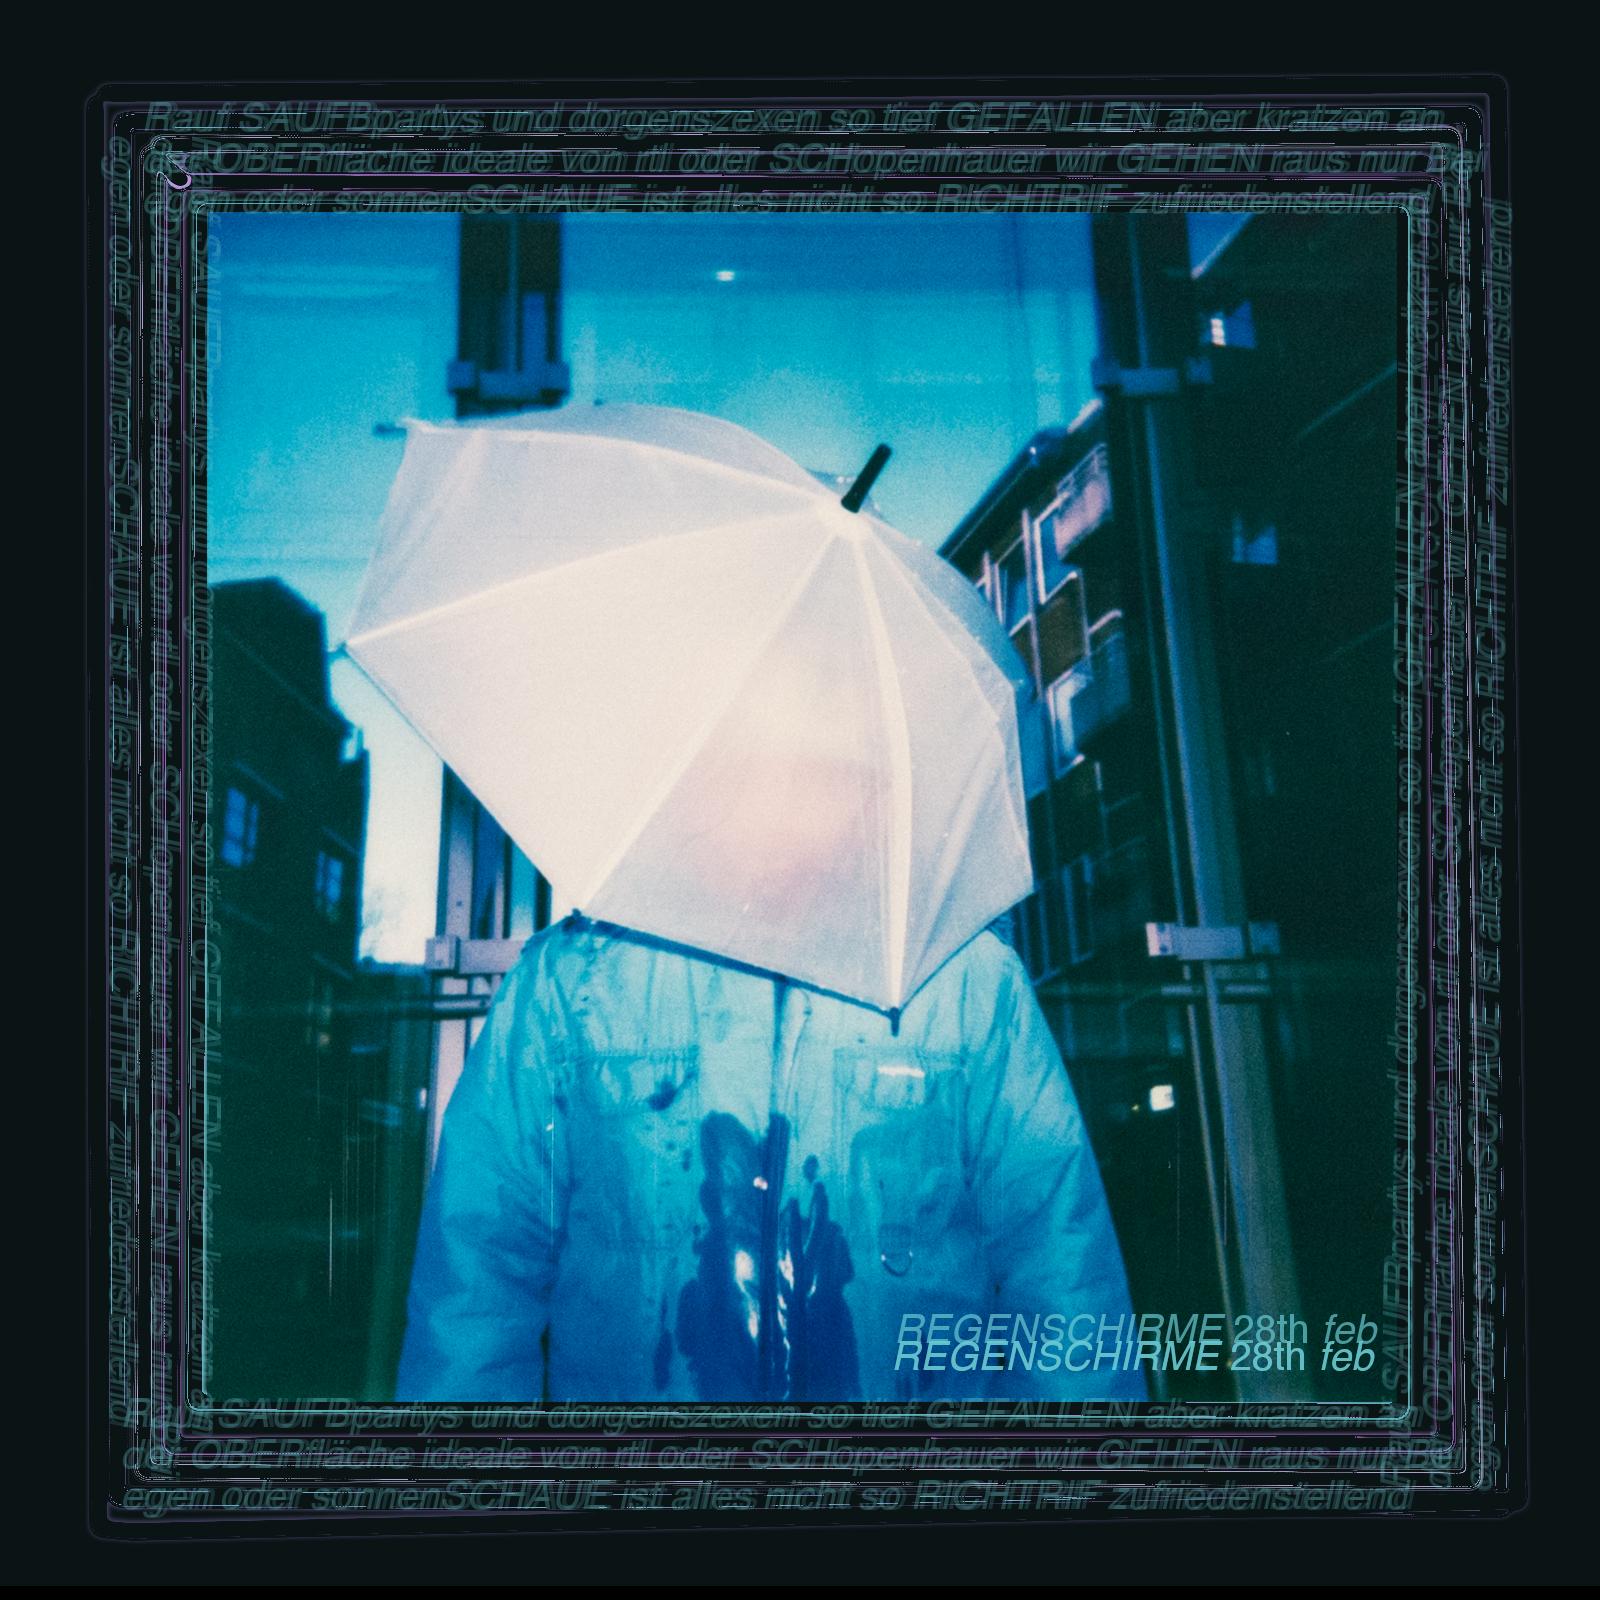 Regenschirme Cover